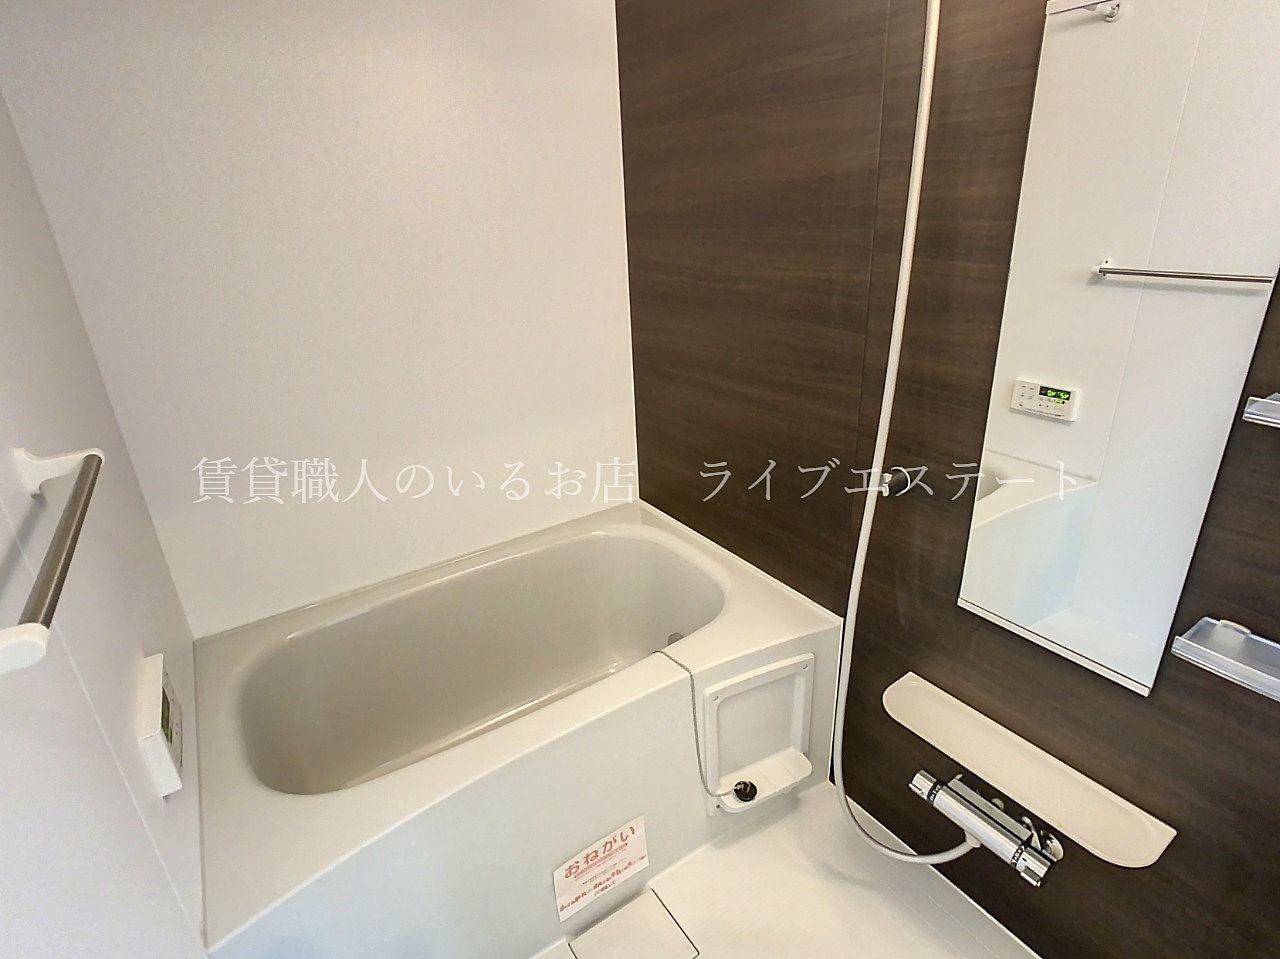 カウンターやシャンプーなど置く棚がシンプルでお掃除しやすい